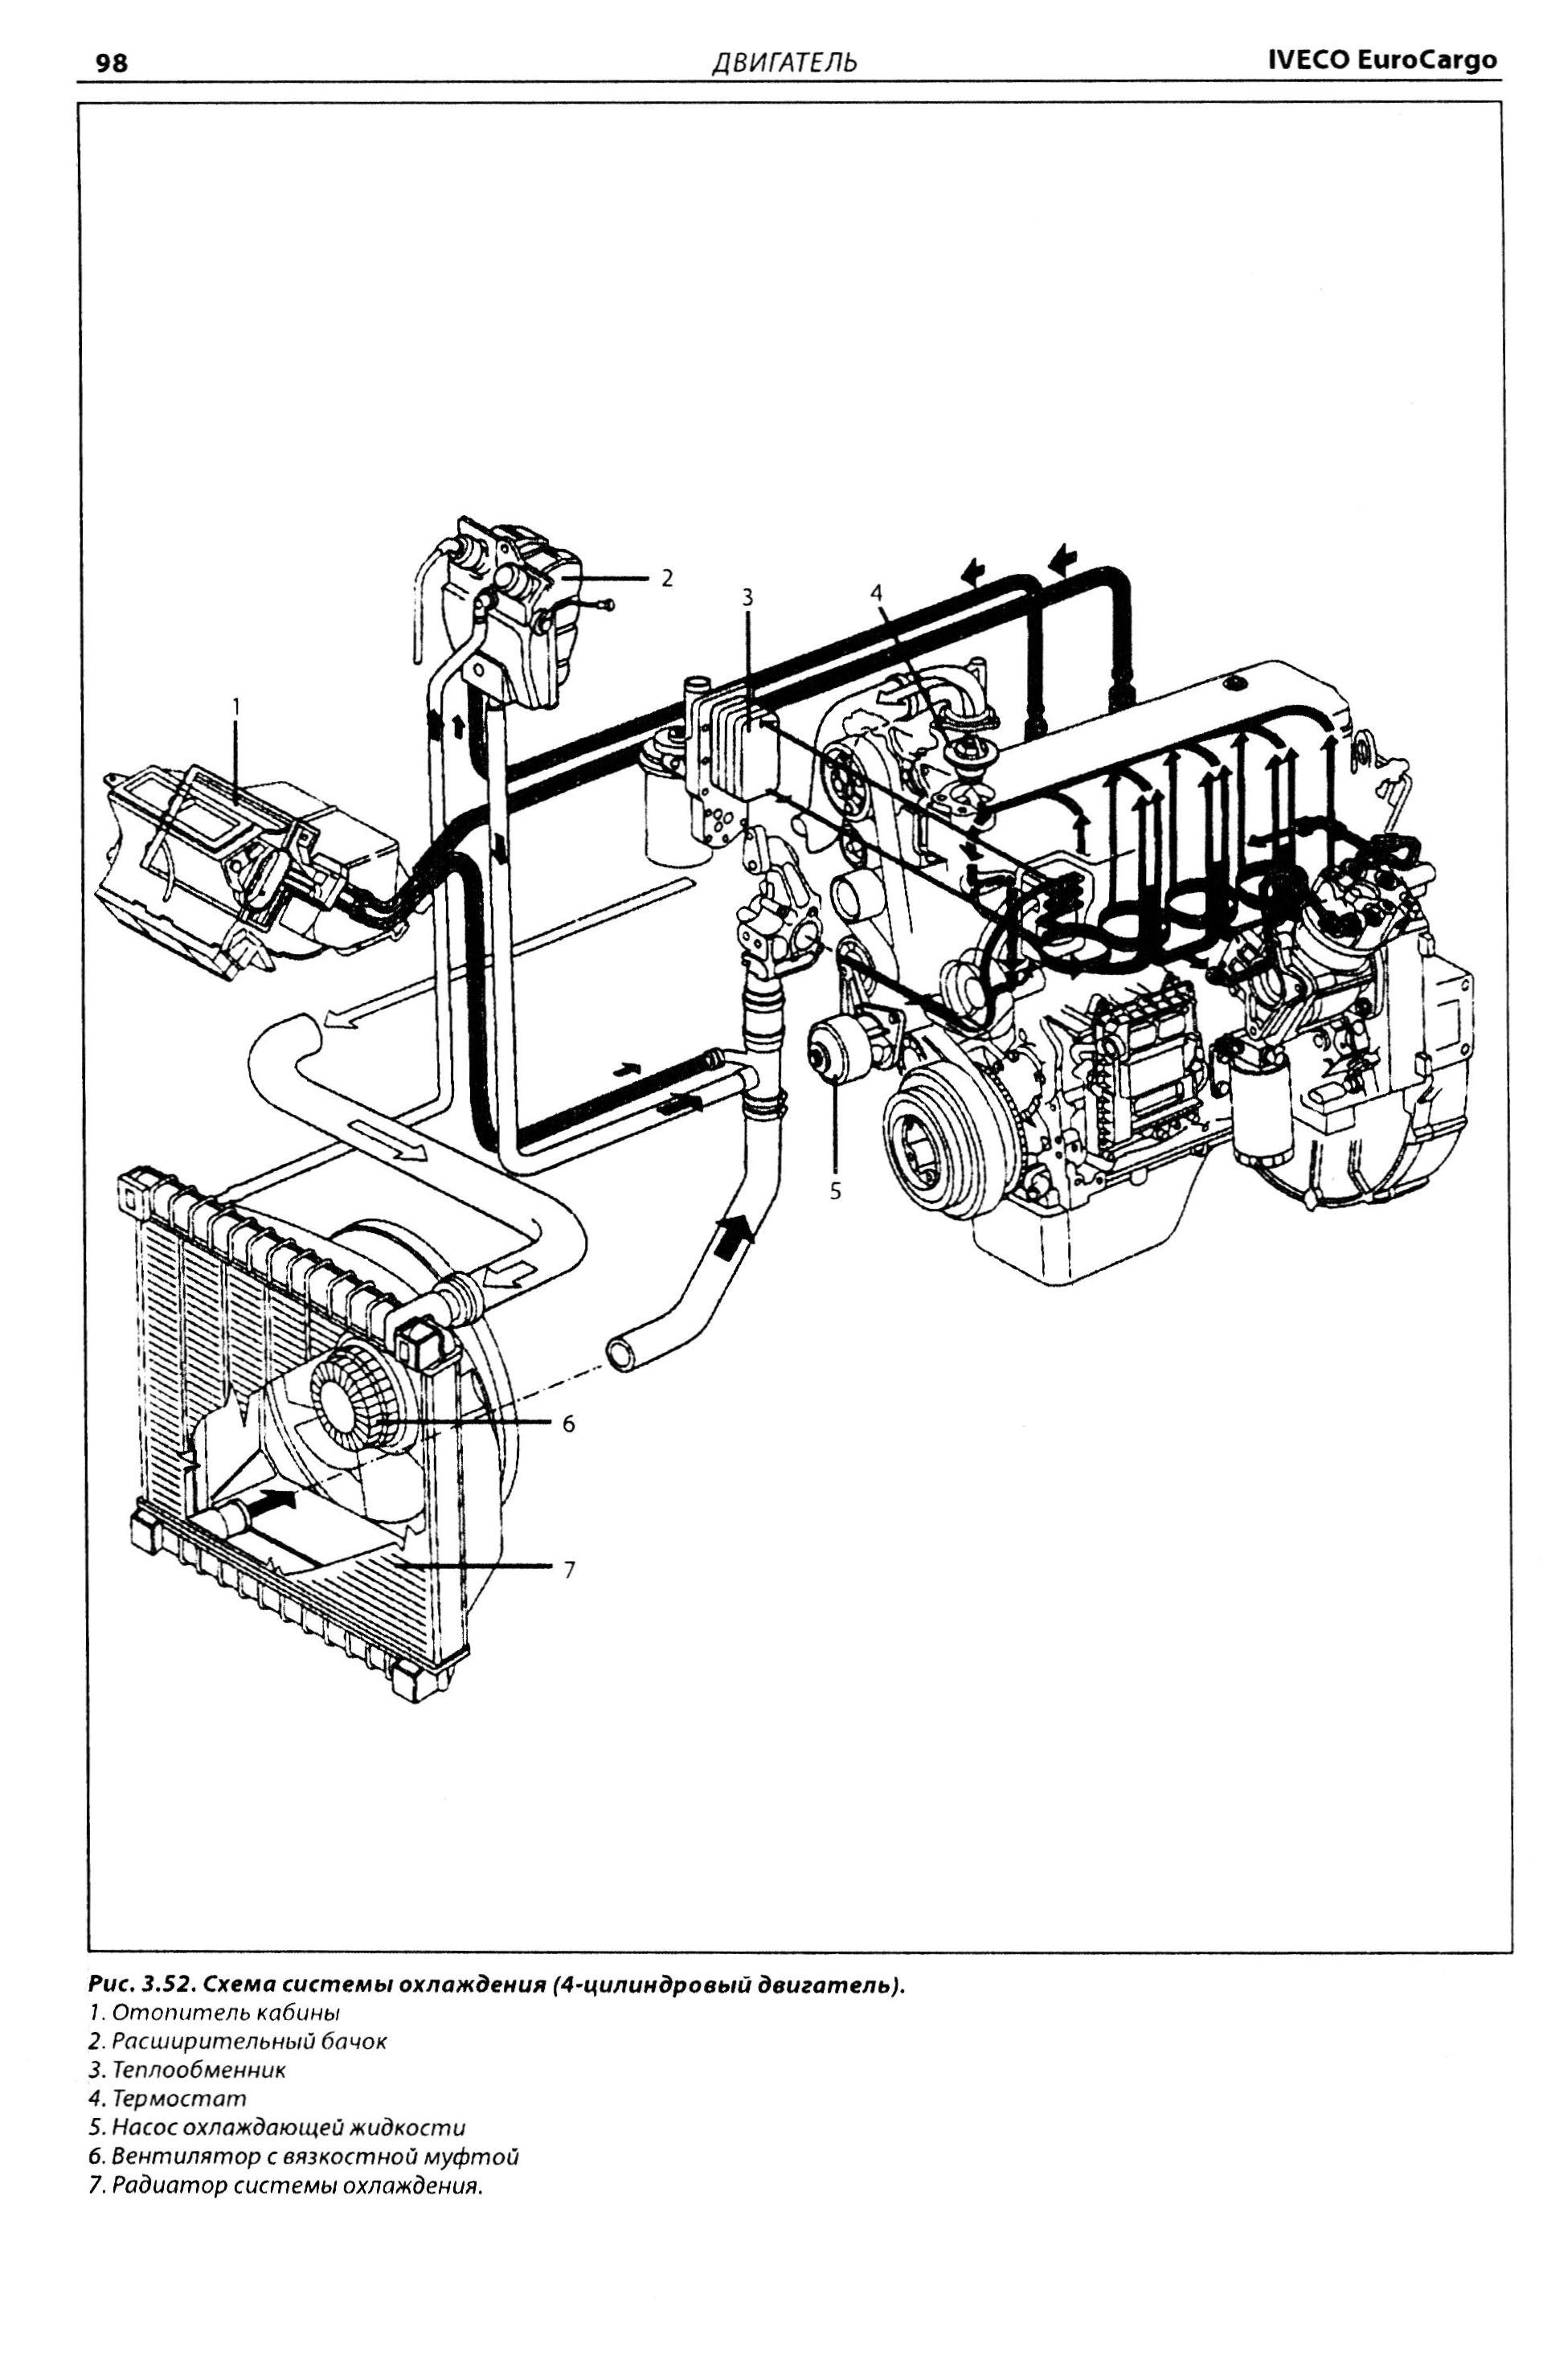 Ивеко схема коробки передач на